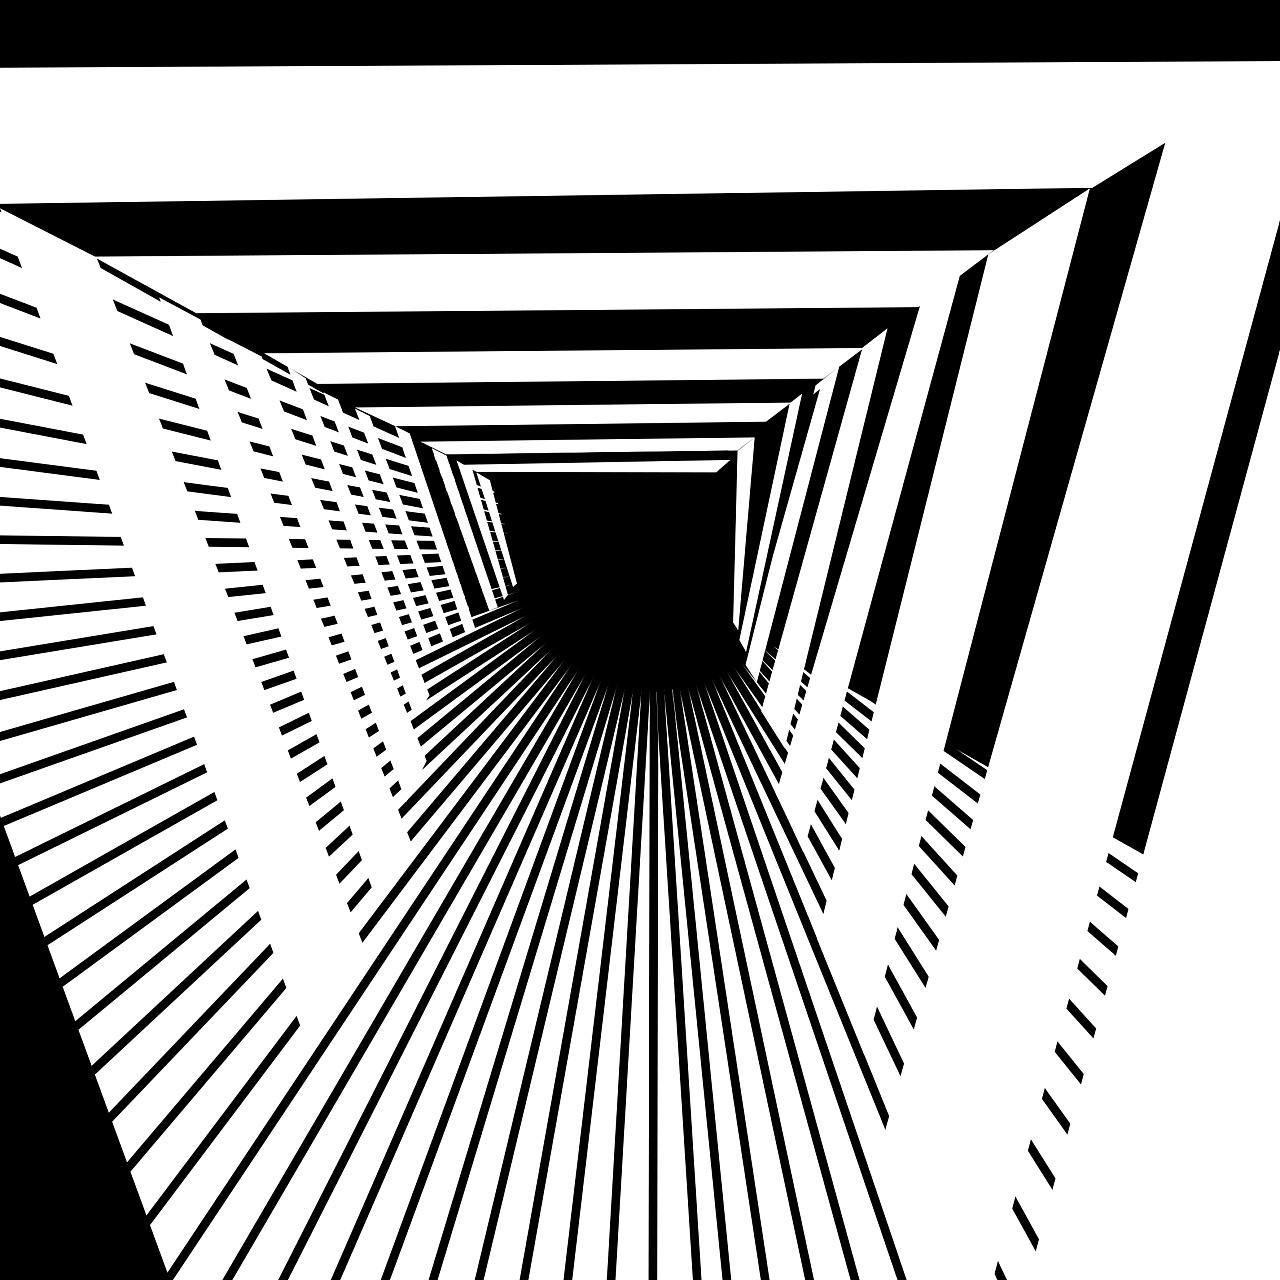 点线构成的图片_设计基础---平面构成练习 UI 其他UI  请安静点 - 原创作品 - 站酷 ...